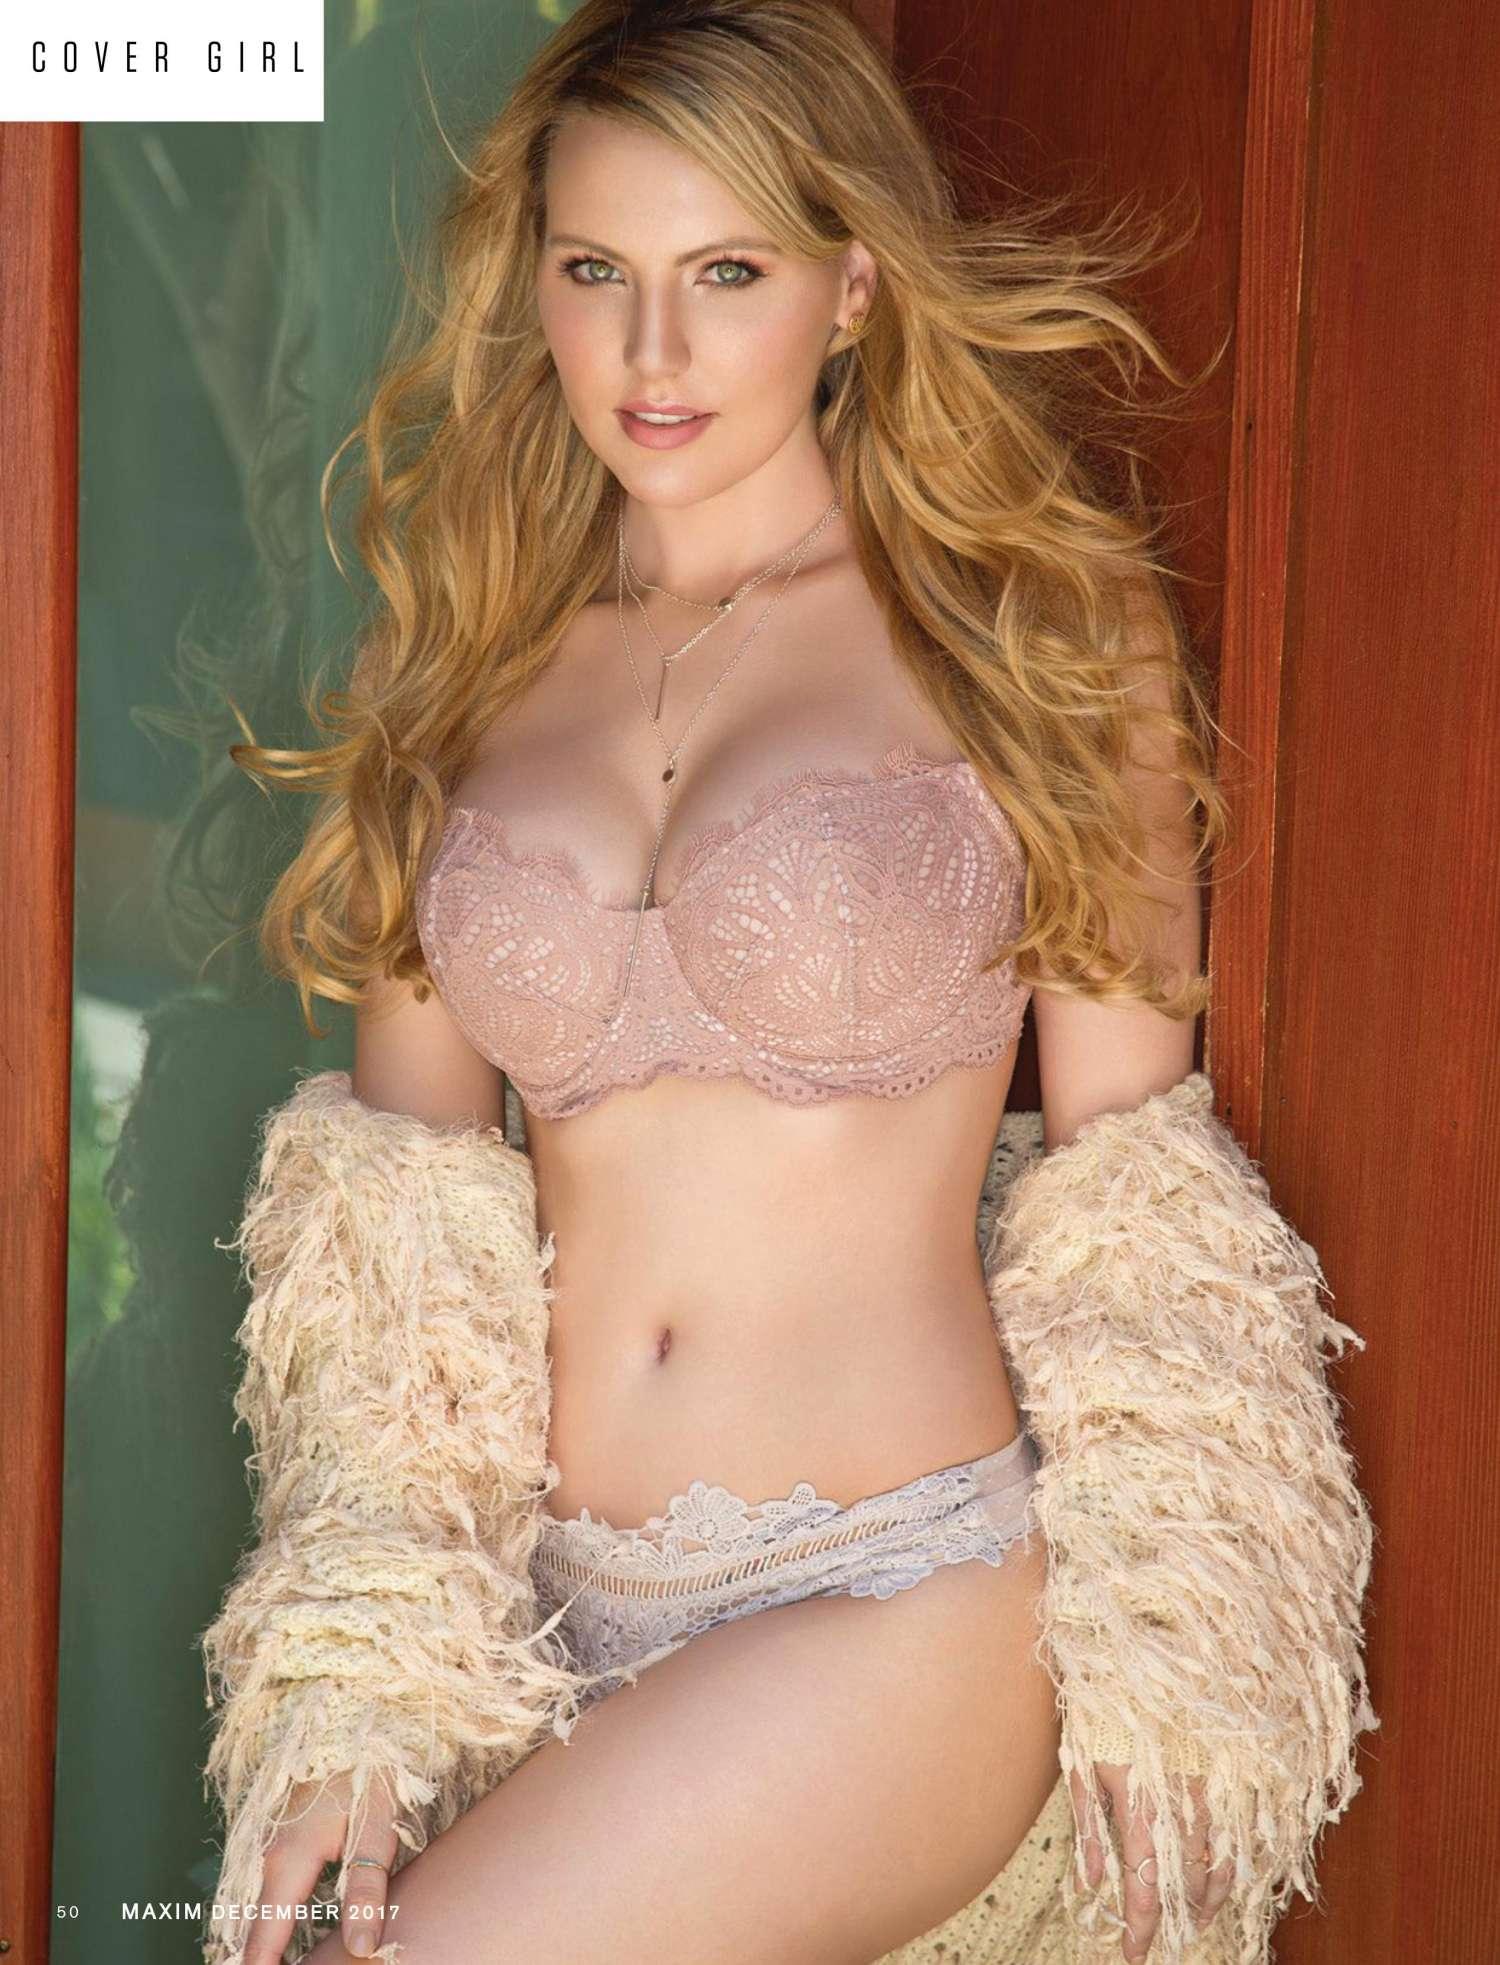 Molly Morrison Nude Photos 1